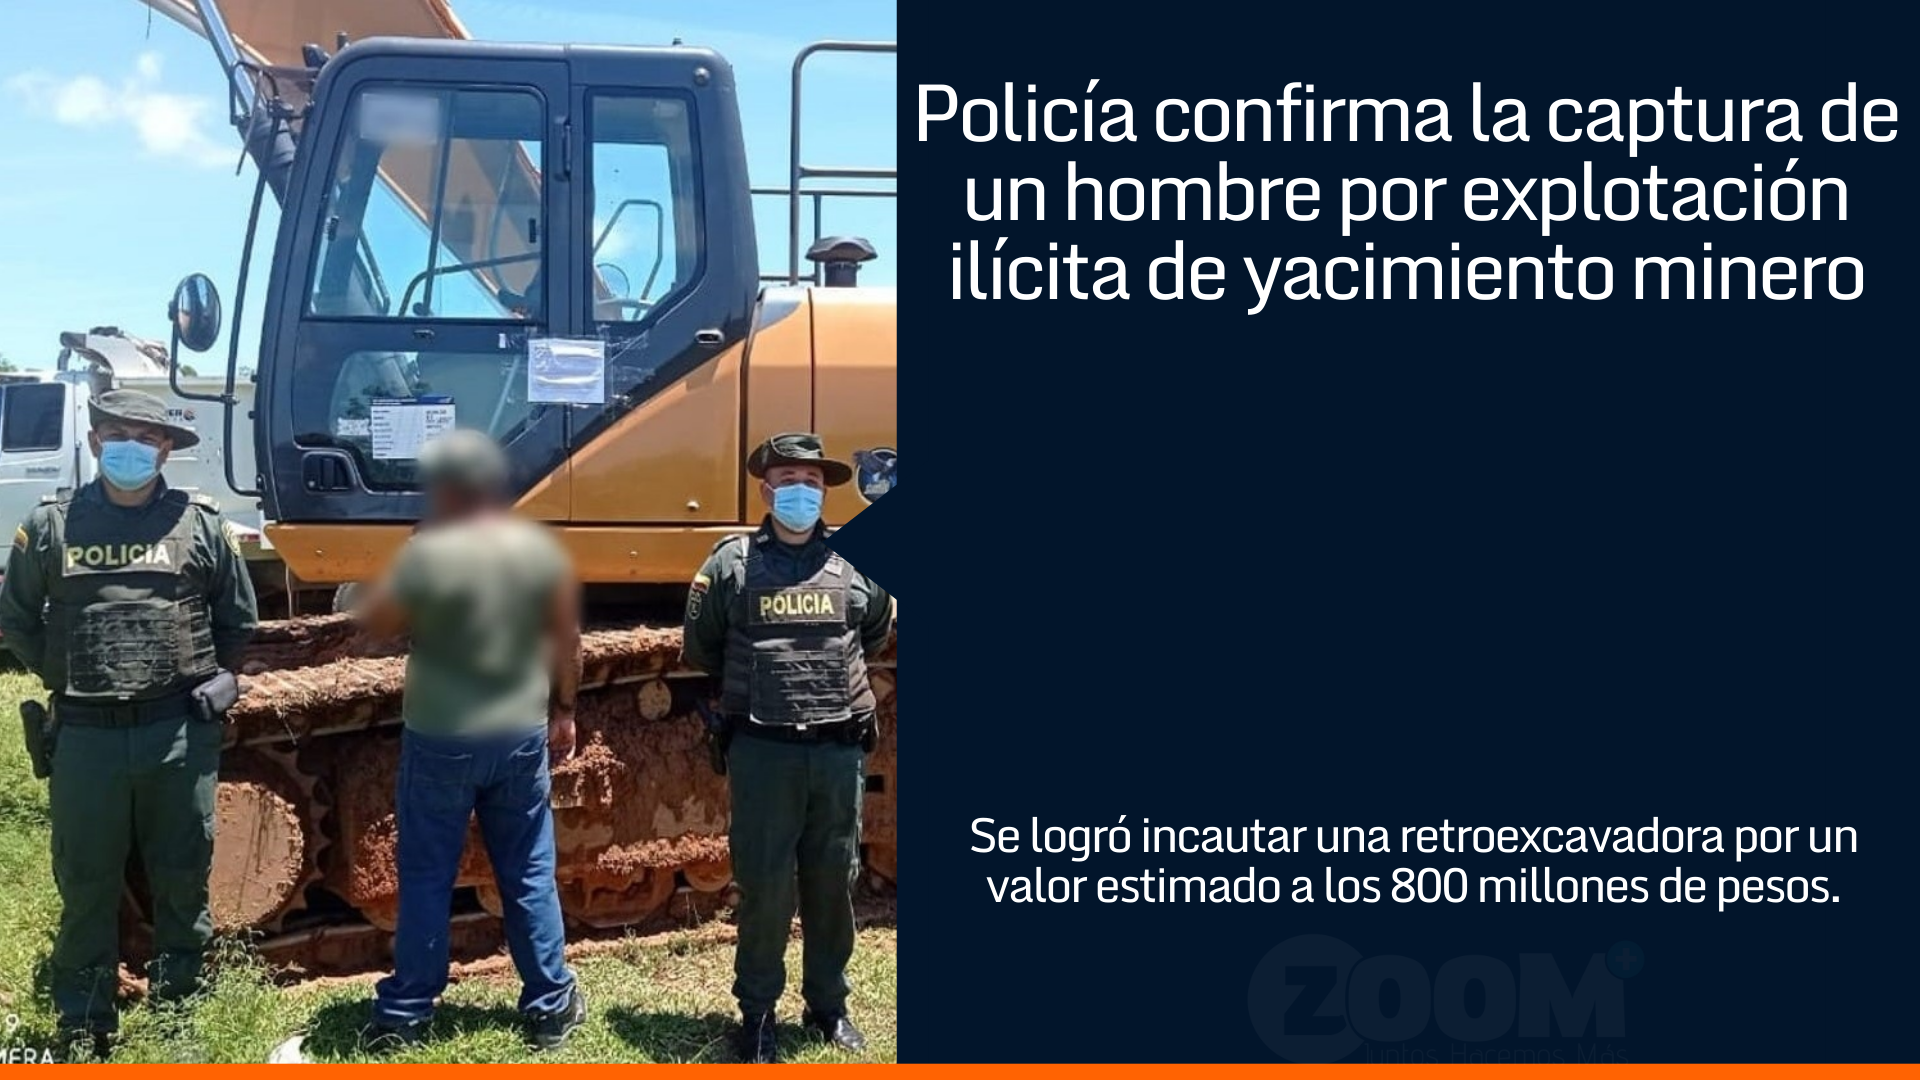 Policía captura a un hombre por explotación ilícita de yacimiento minero